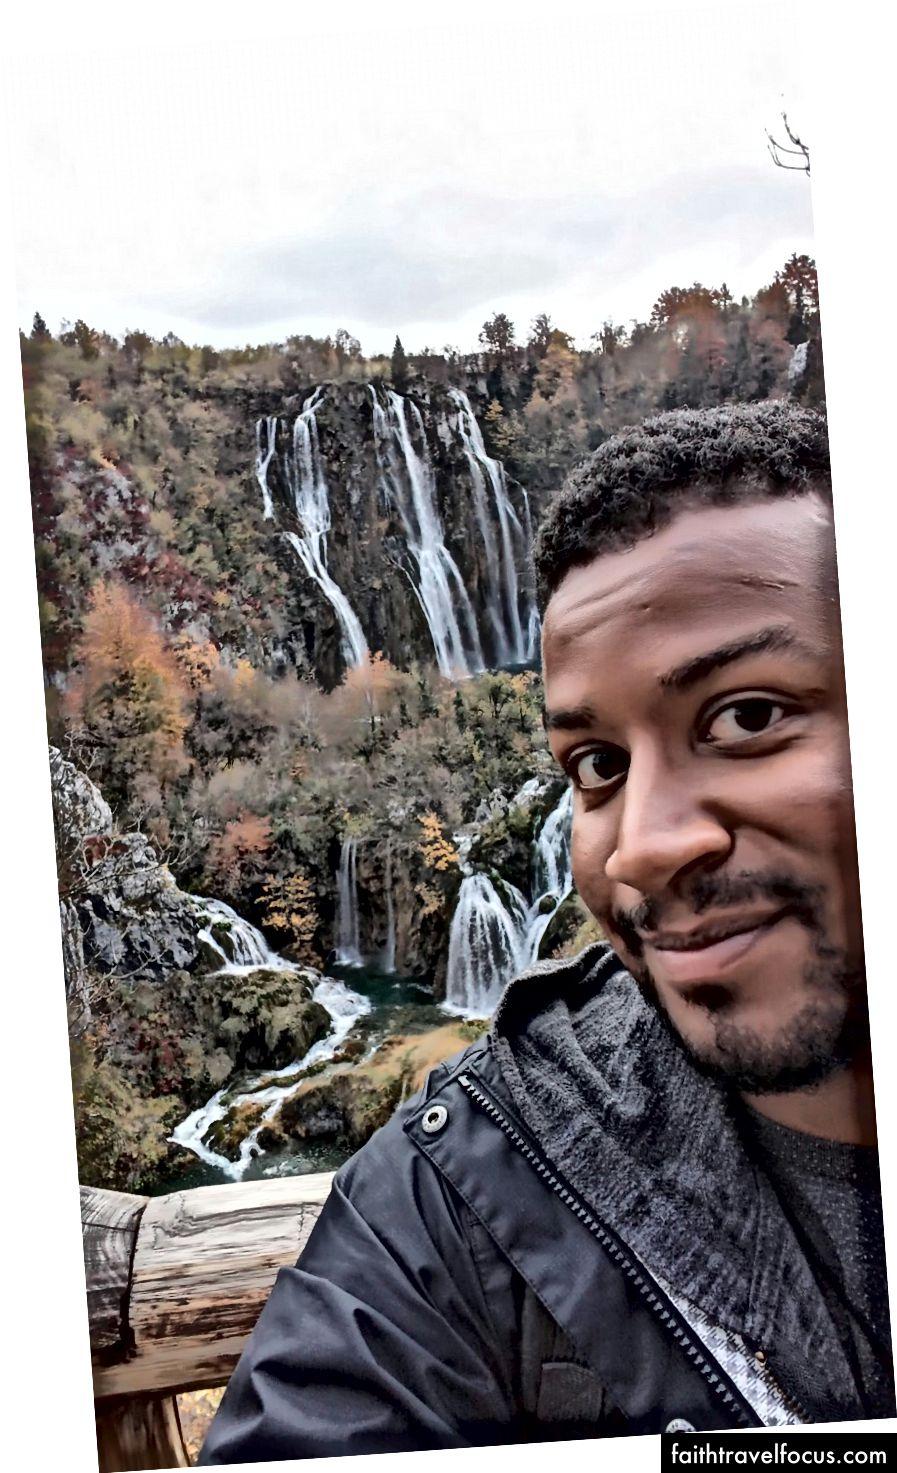 Aký úžasný pohľad. Ale dosť o brade; za mnou sú chorvátske Plitvické vodopády.